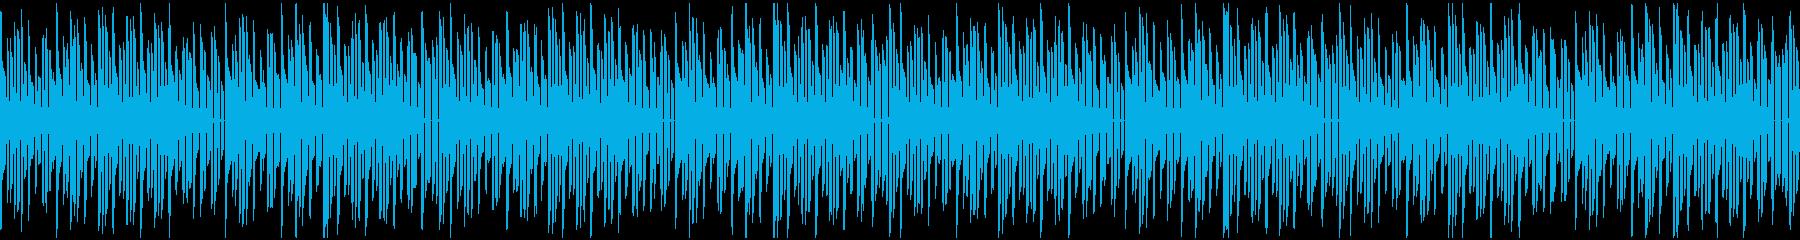 ファミコン風爽やかなインストの再生済みの波形